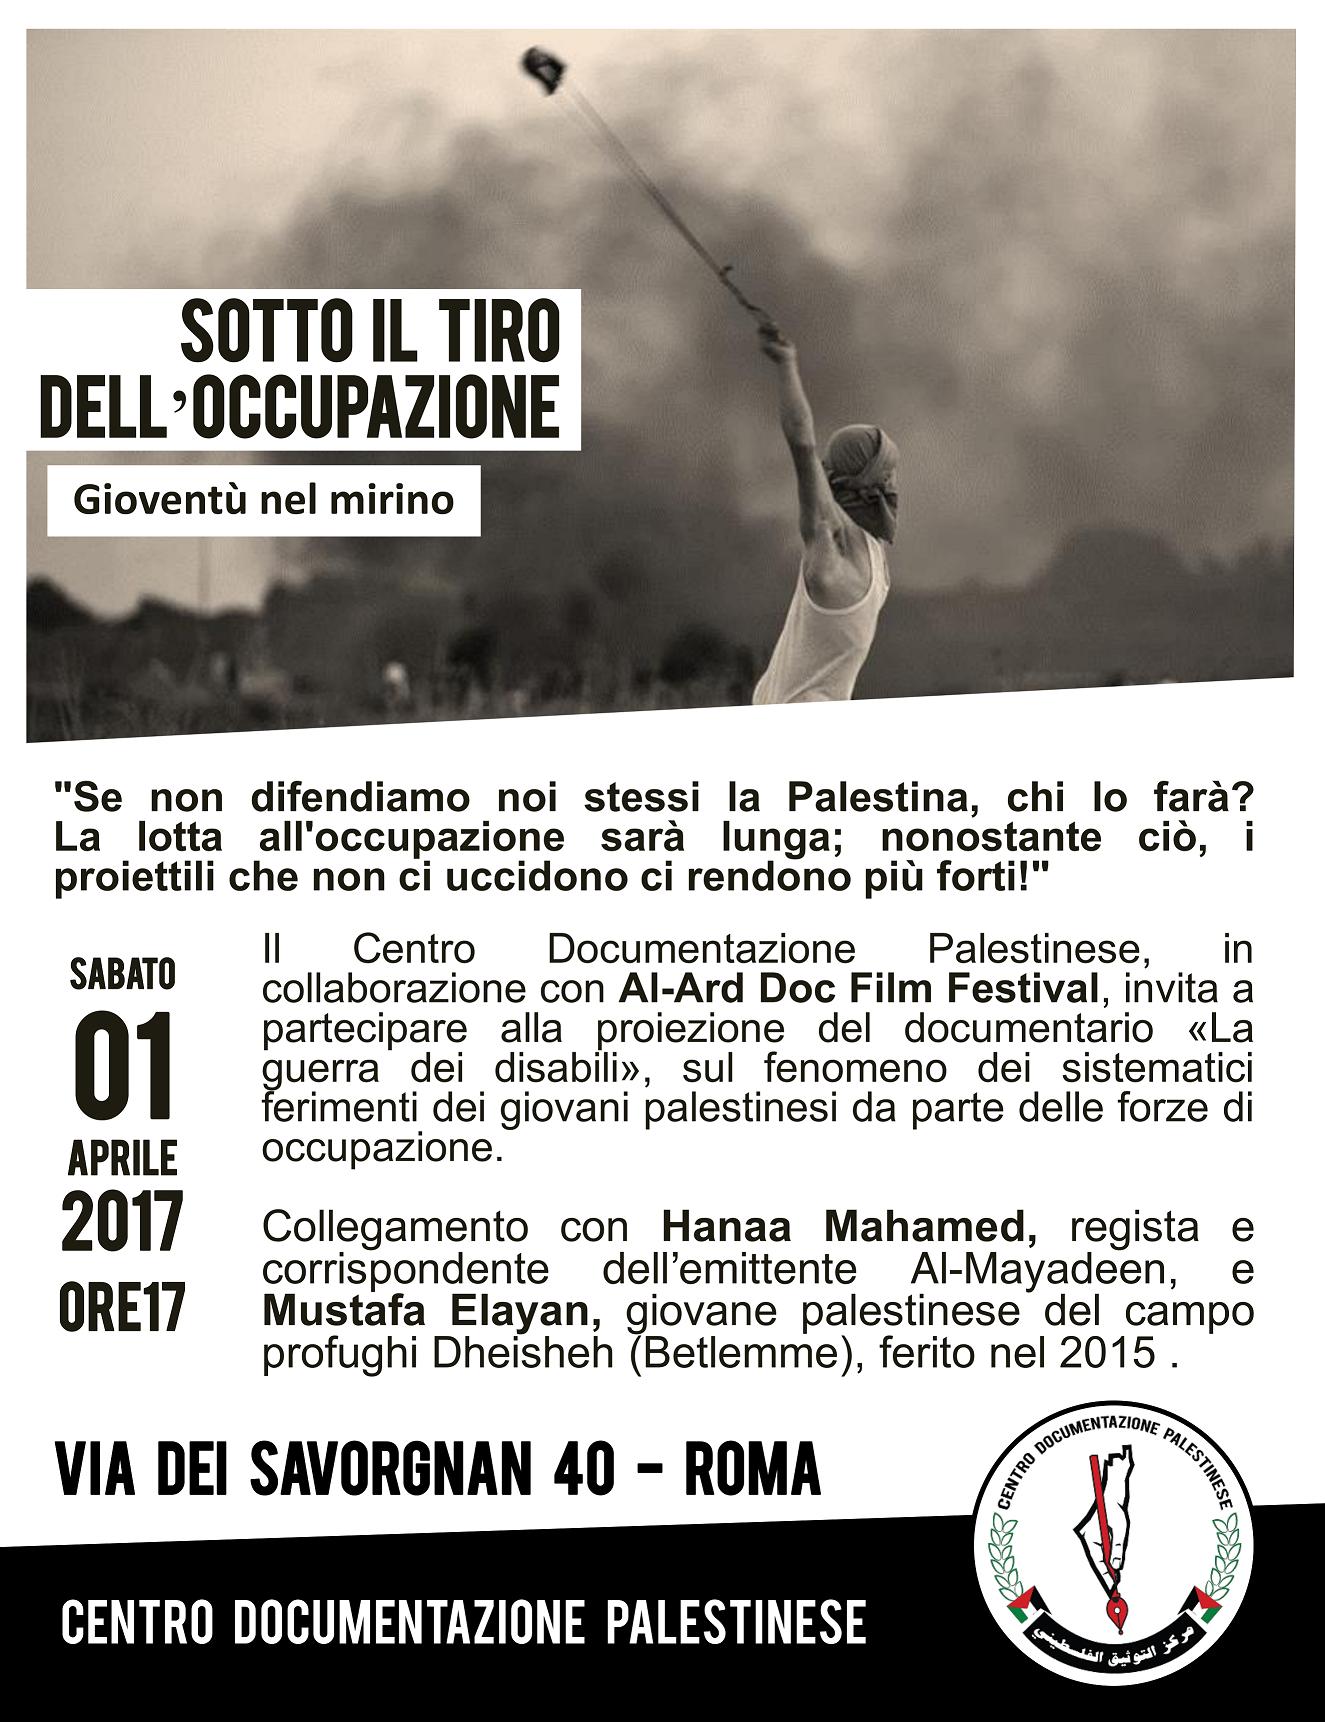 Il docu-film «La guerra dei disabili» a Roma